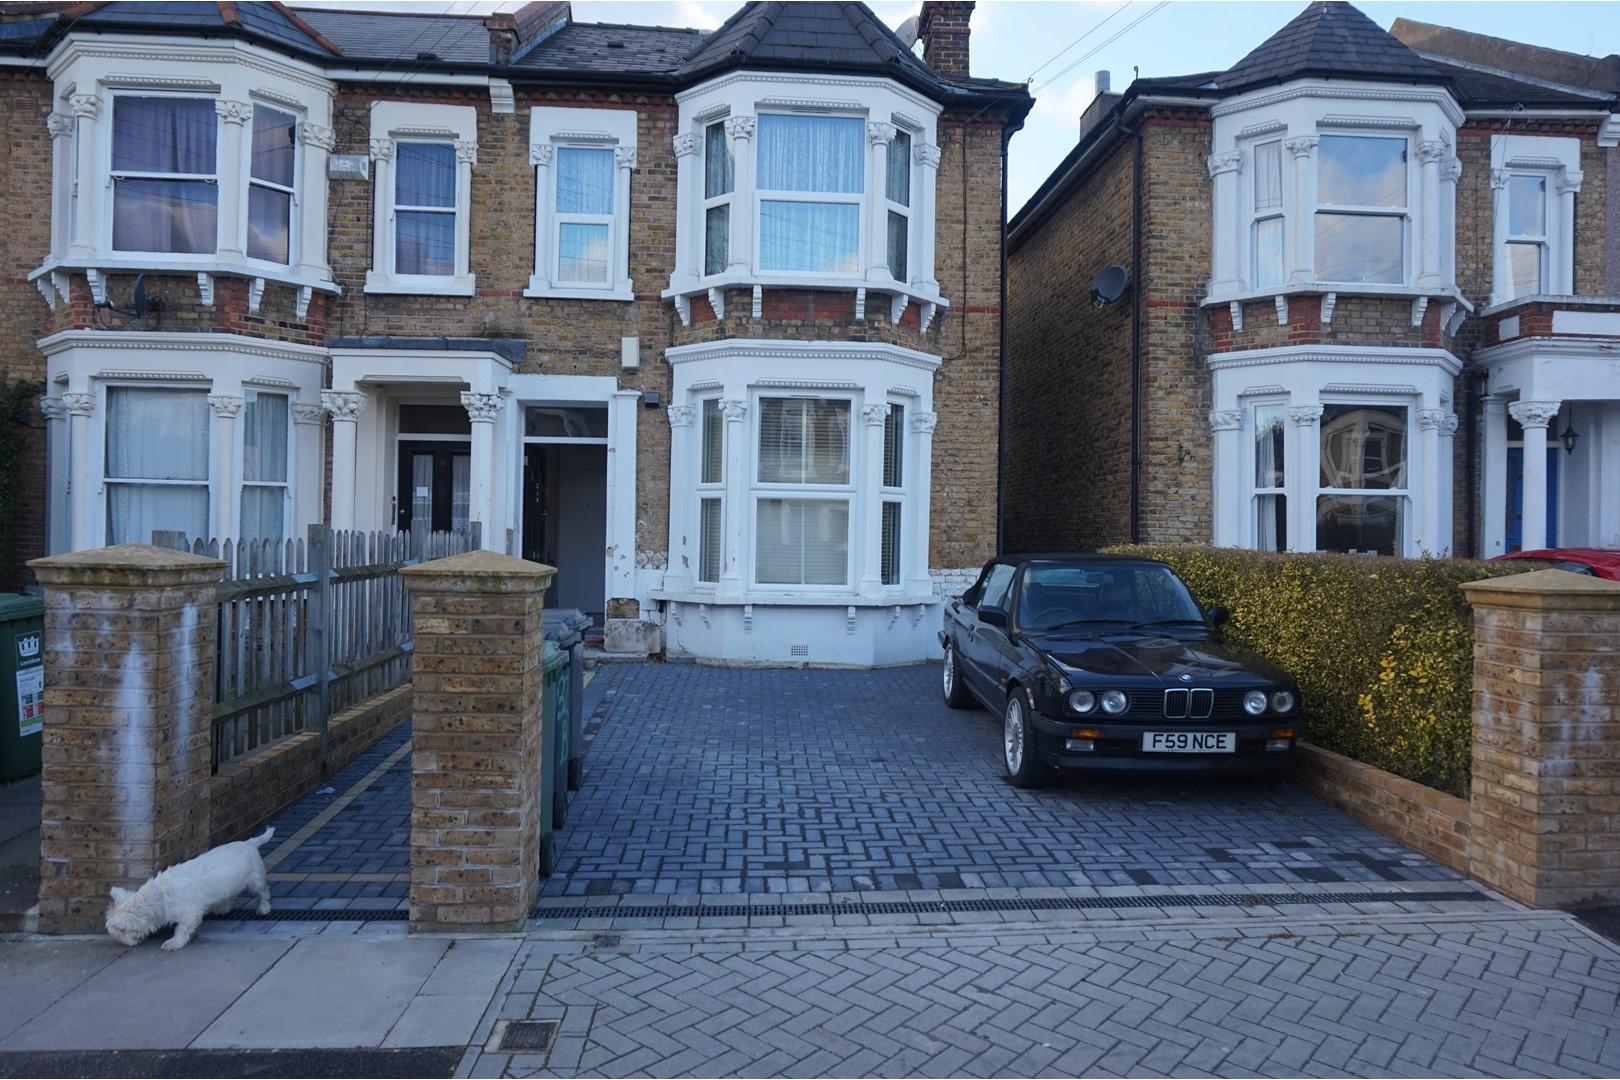 2 Bedroom Flat For Sale In Hurstbourne Road Forest Hill Se23 London